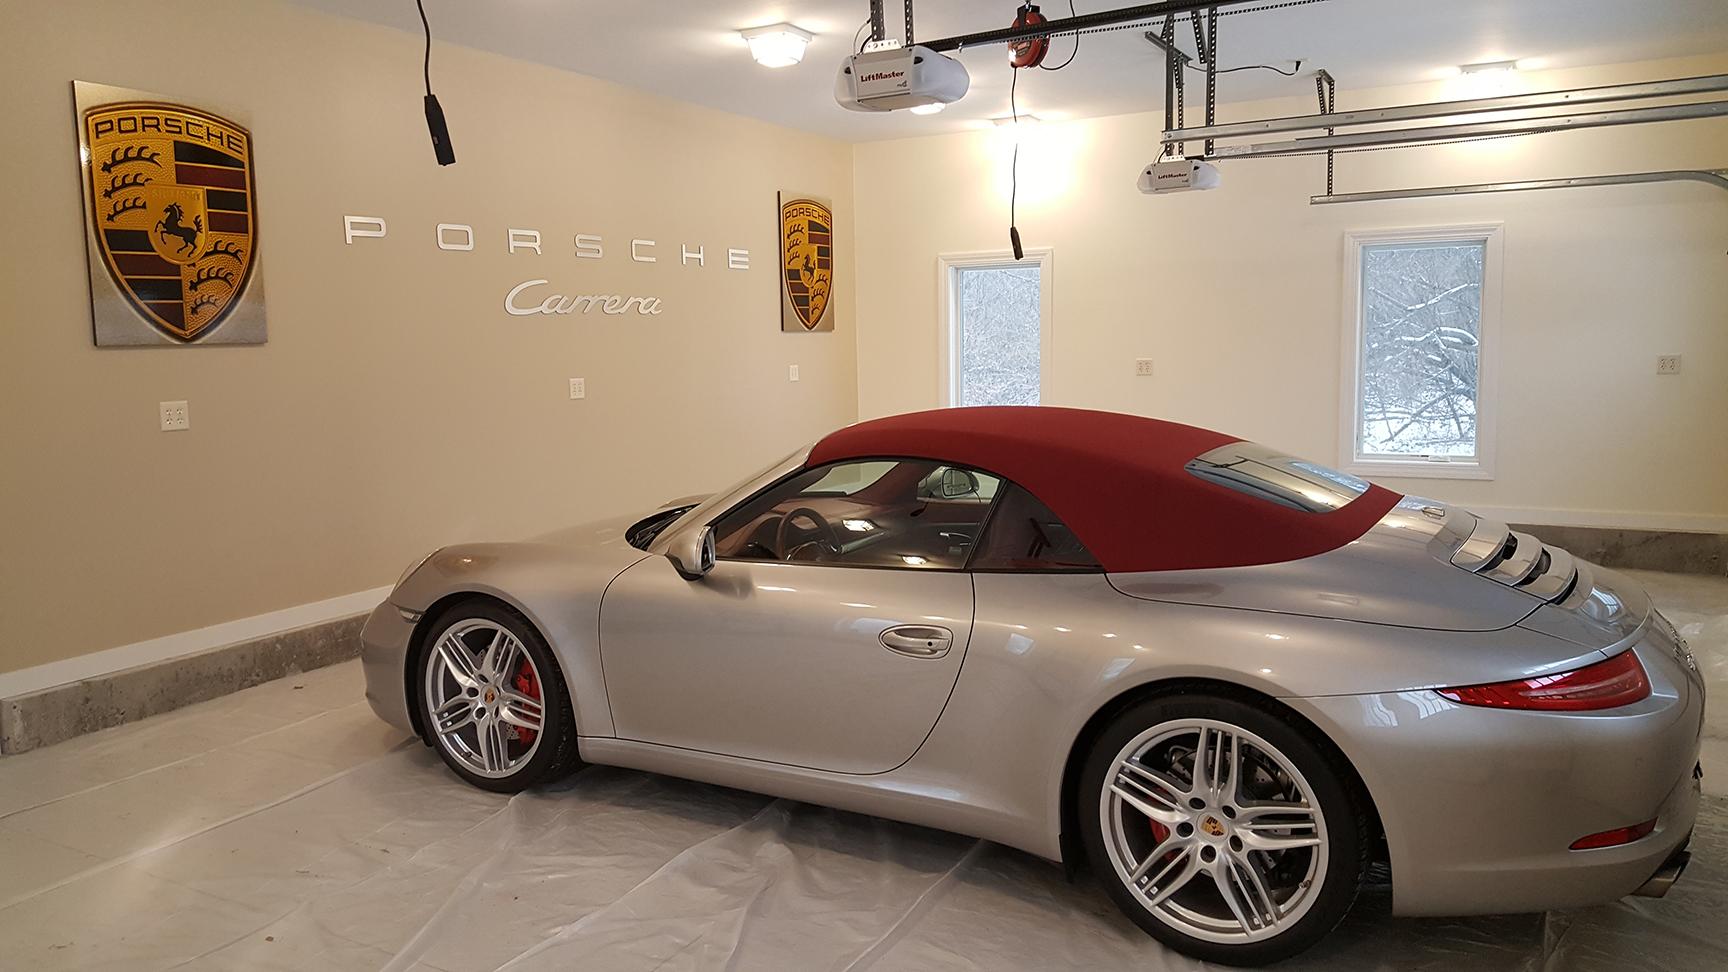 Porsche client 19.jpg